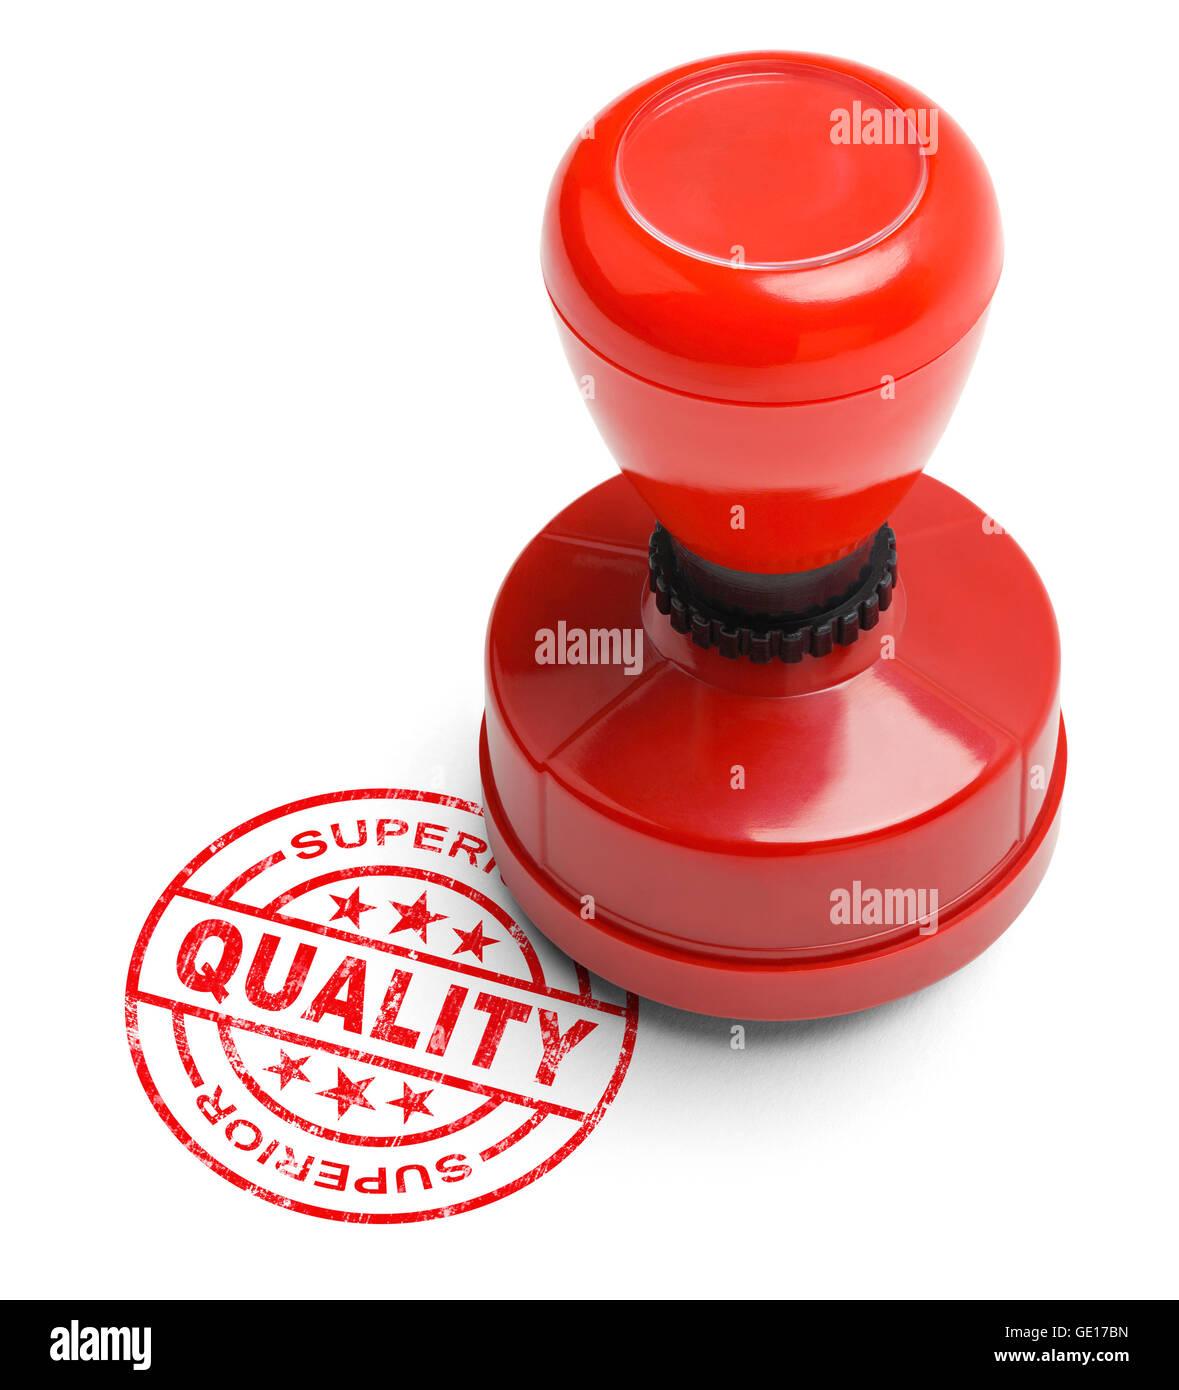 Calidad superior rojo Stamper aislado sobre fondo blanco. Foto de stock